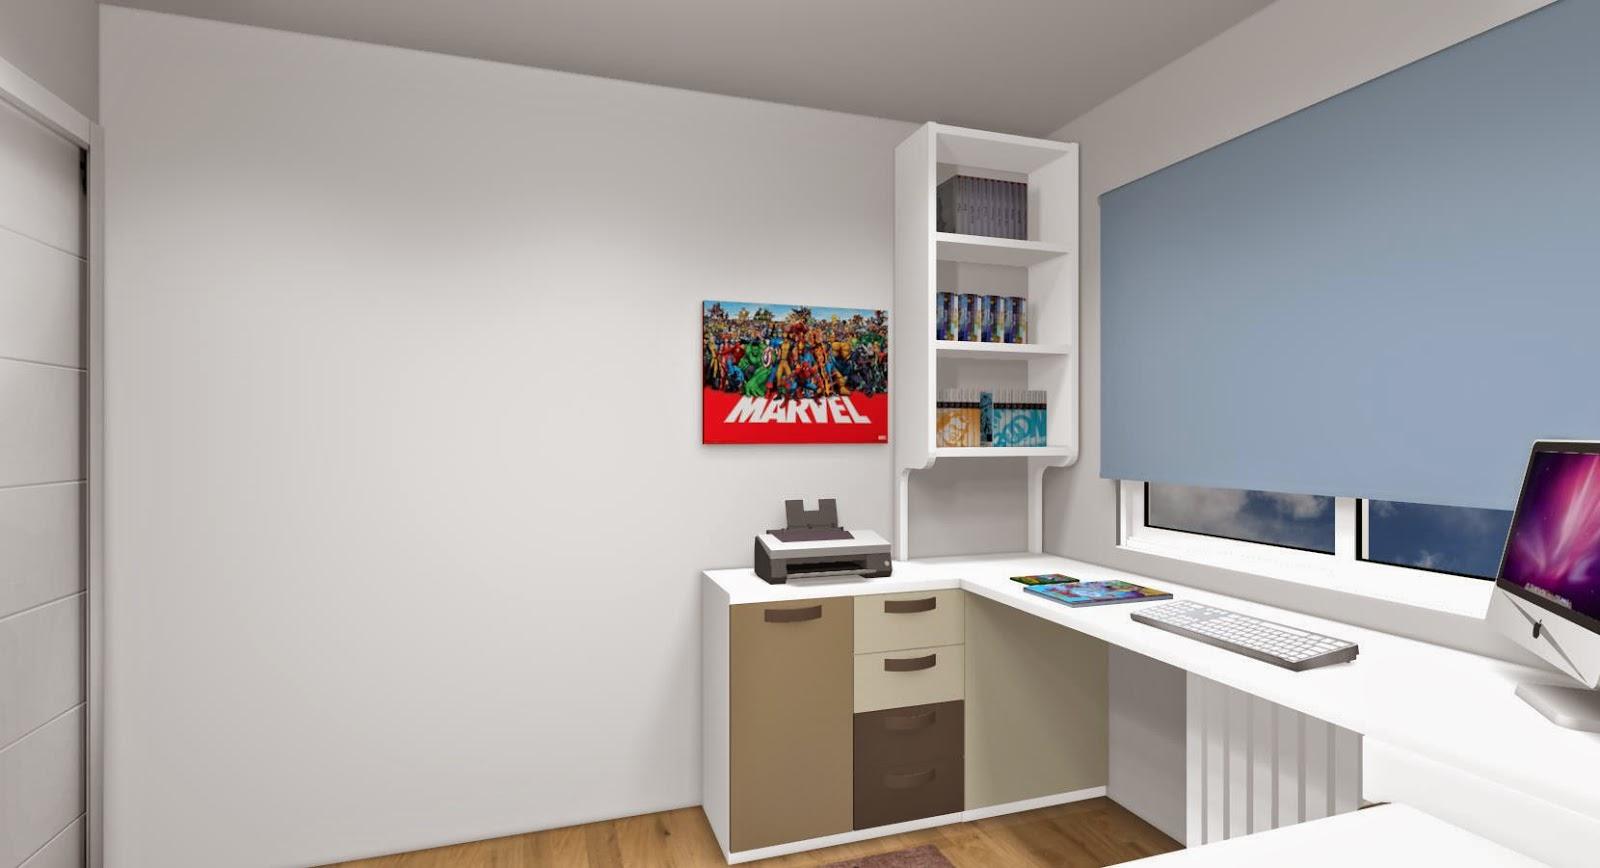 Zona de capacidad con puertas y cajones con mesa de estudio haciendo rincon y estanteria encima - Mesas estudio juveniles ...